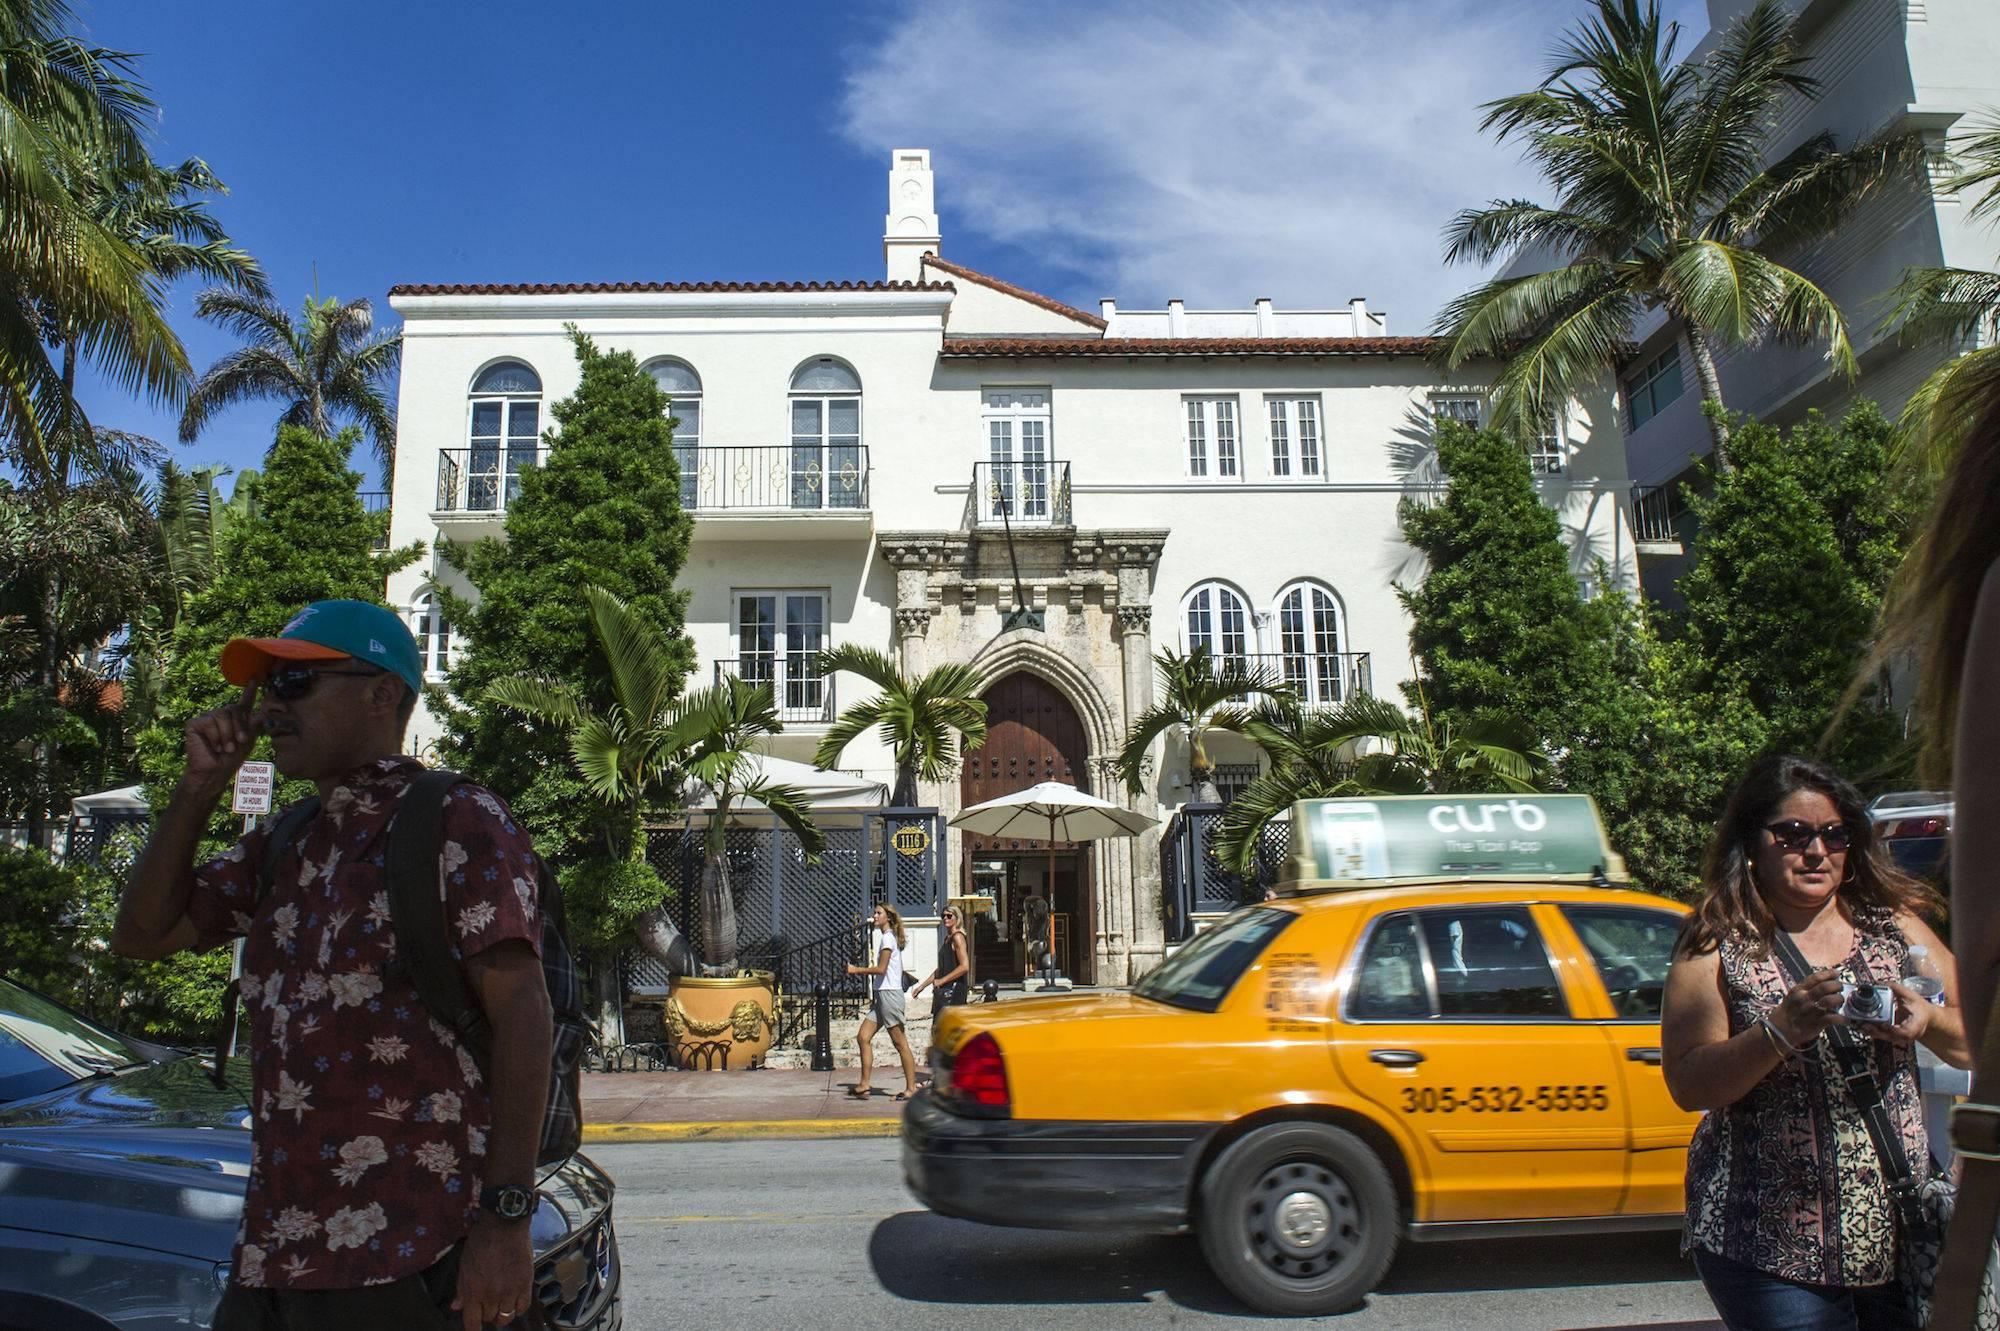 La mansión de Gianni Versace en Miami Beach, hoy convertida en hotel. / Foto: EFE